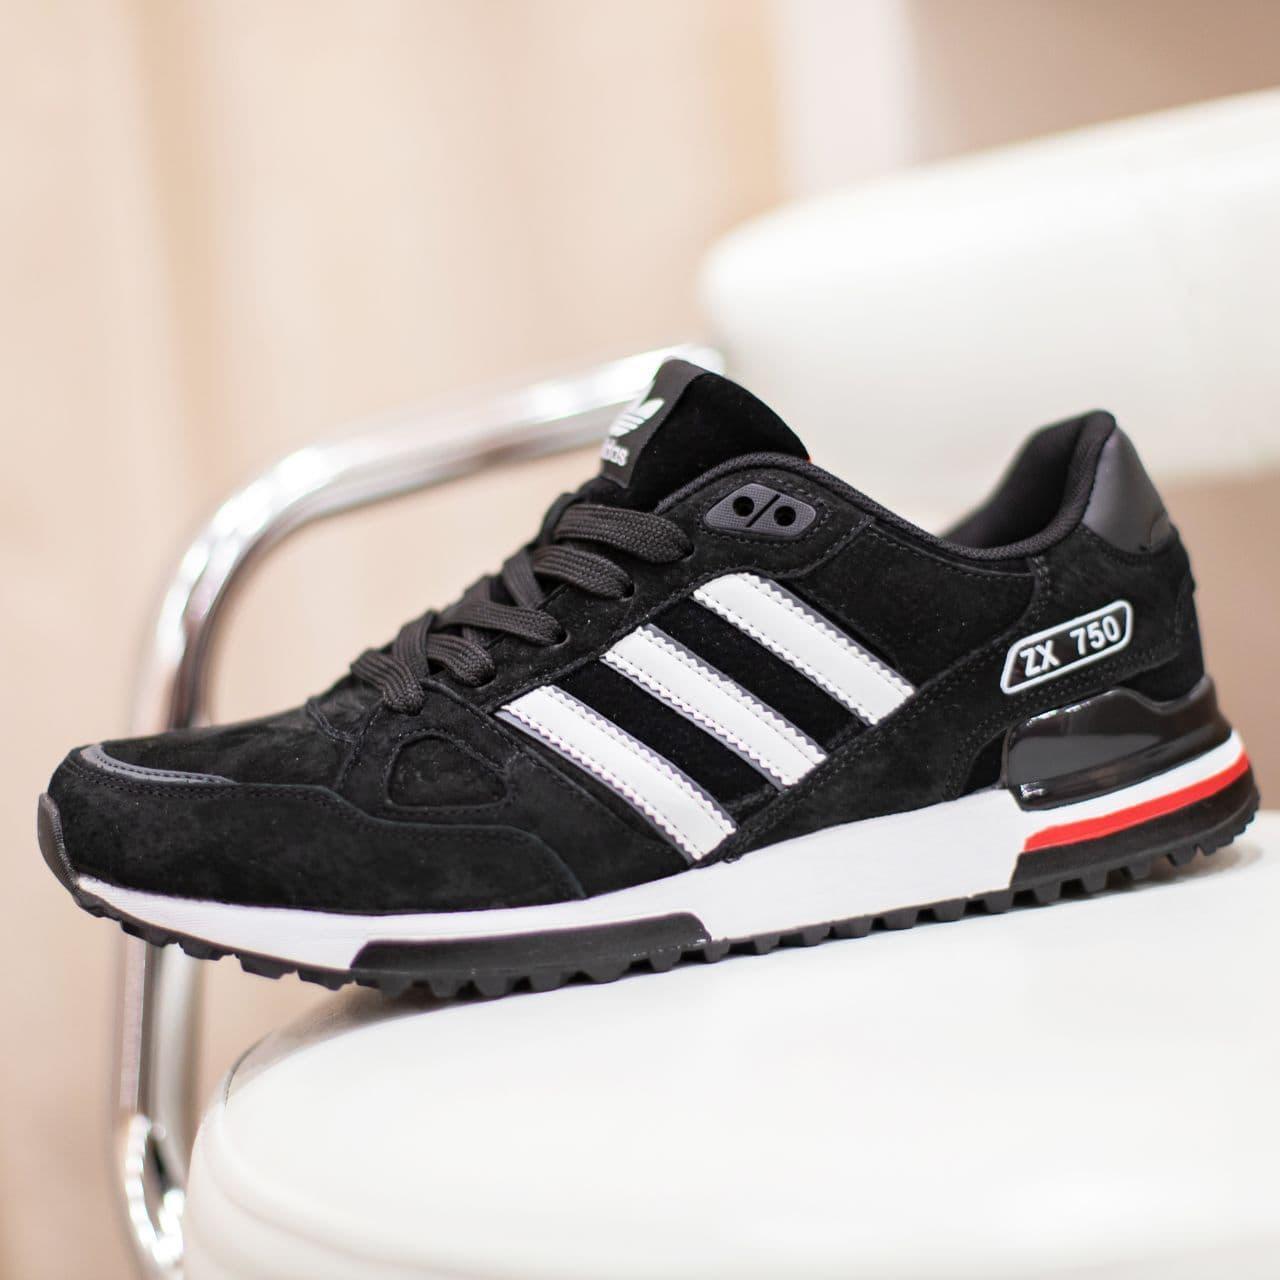 Кроссовки Adid@s ZX 750 черные с красным  41,42,43,44,45,46